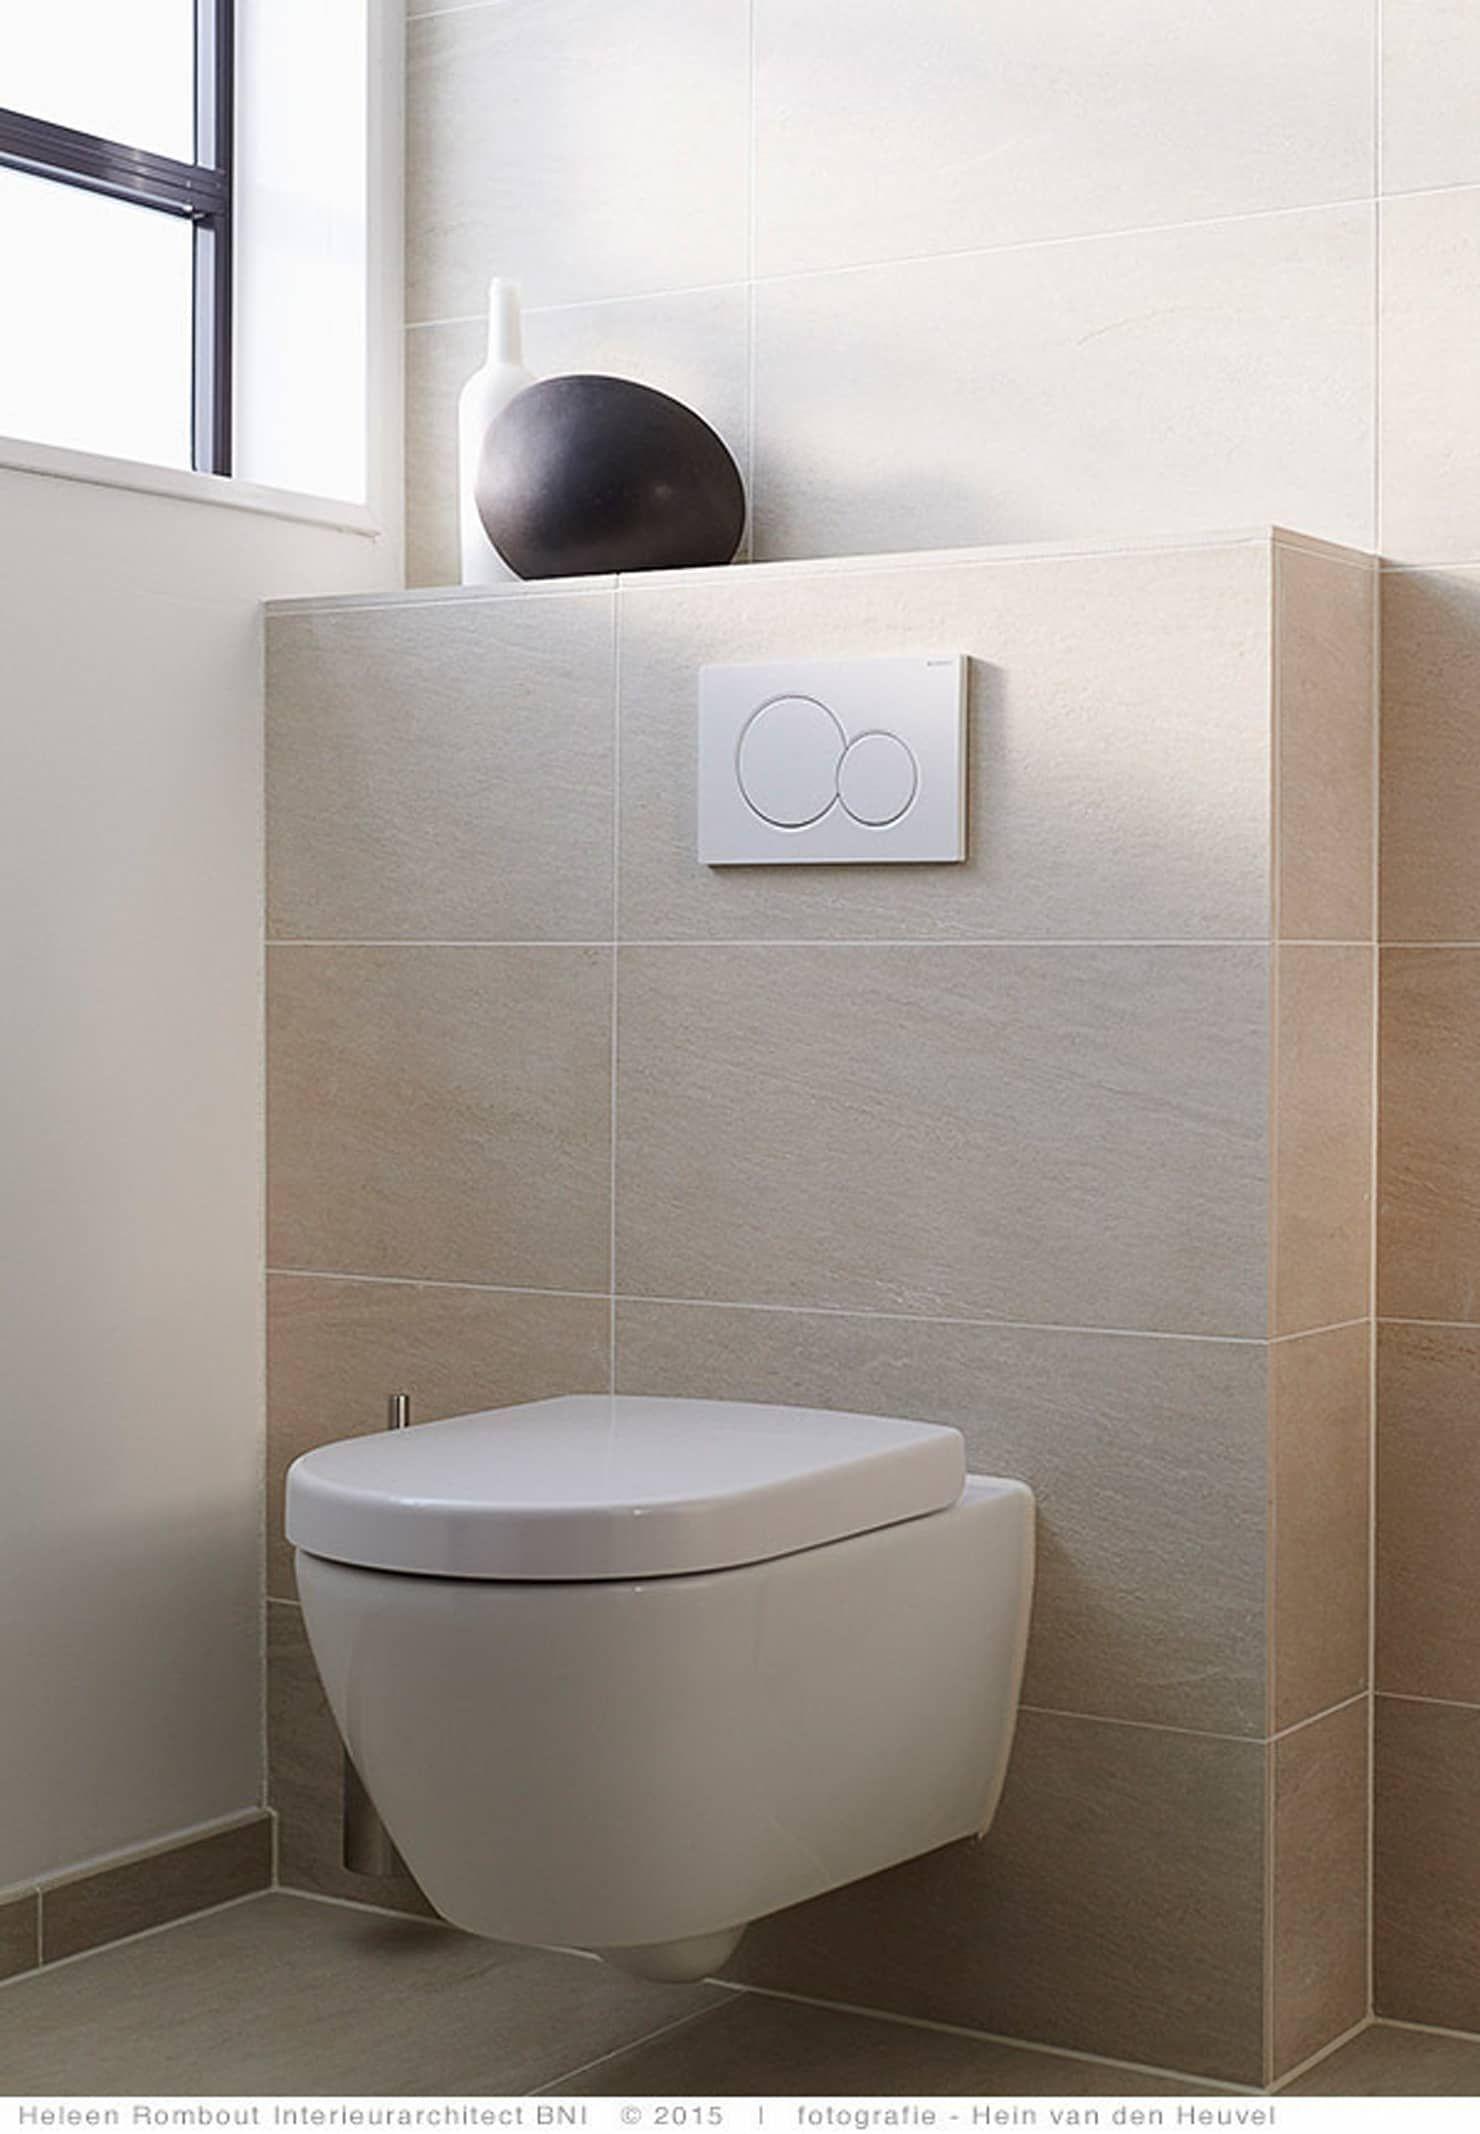 Wohnideen Kaiser wohnideen interior design einrichtungsideen bilder bathroom